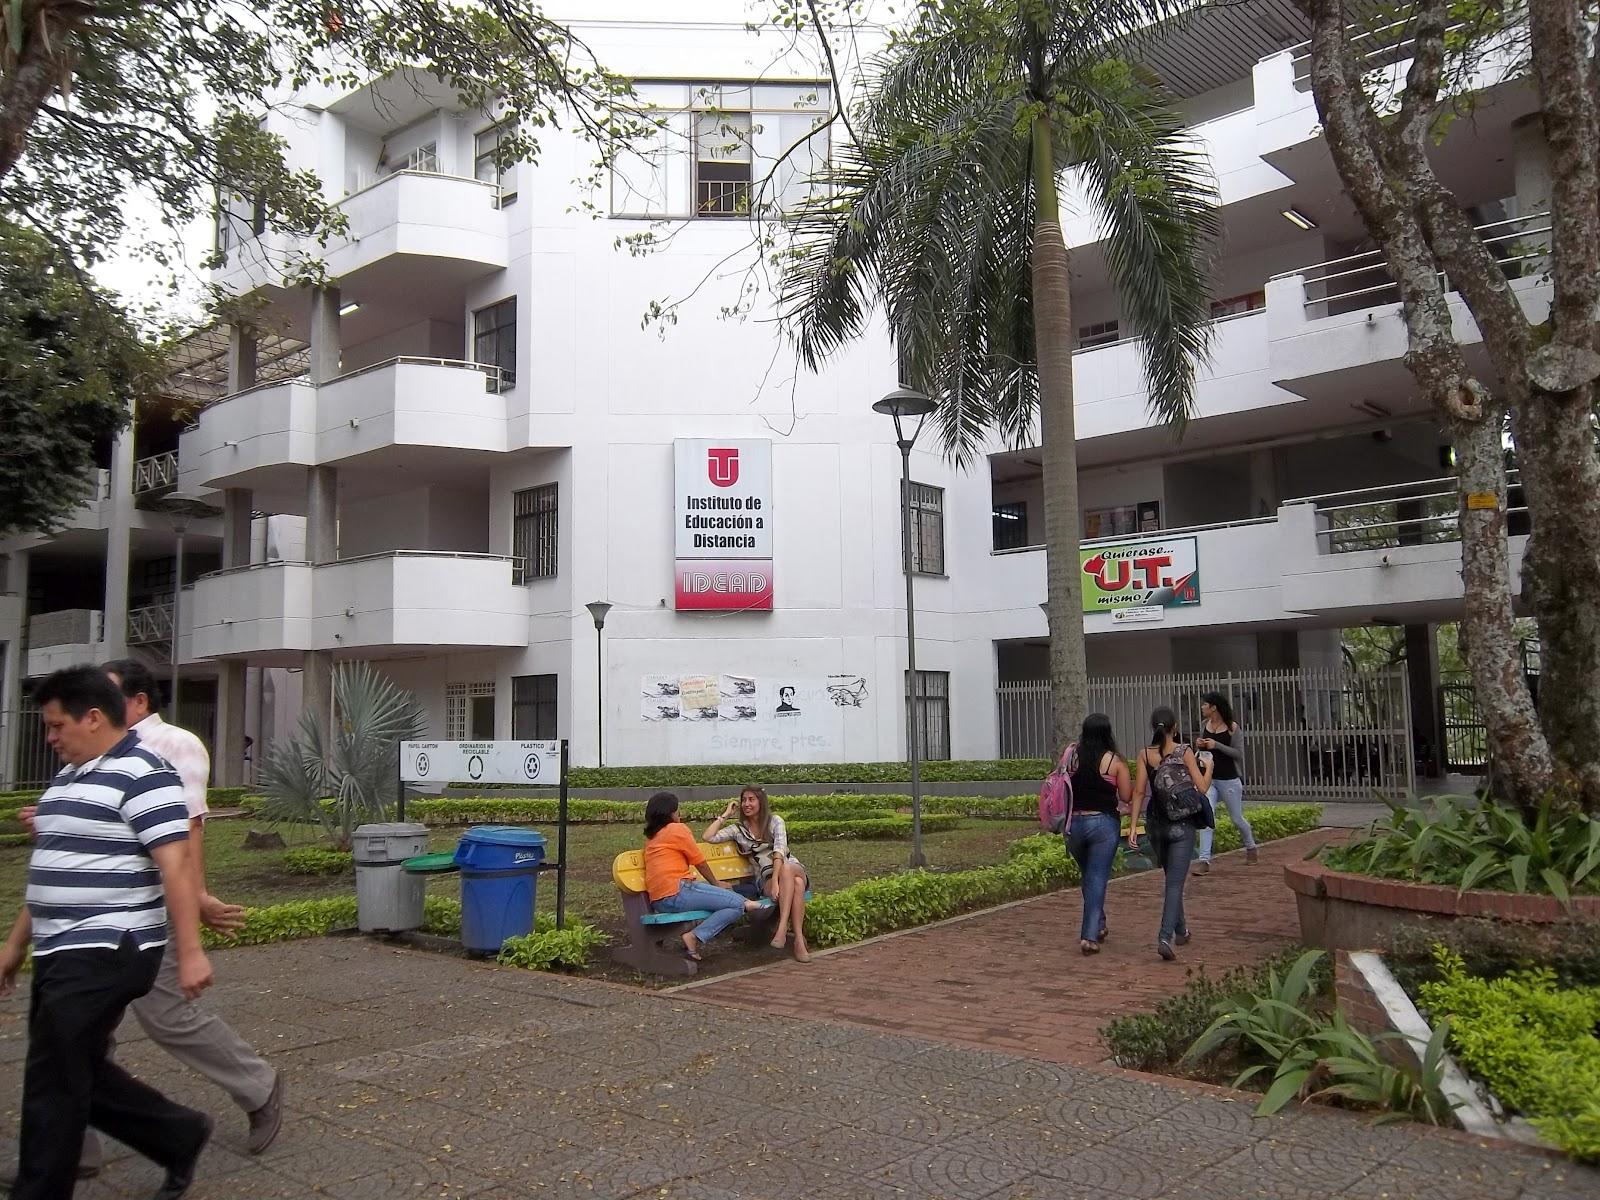 Alumnos denuncian a profesor por malos tratos en la Universidad del Tolima 2